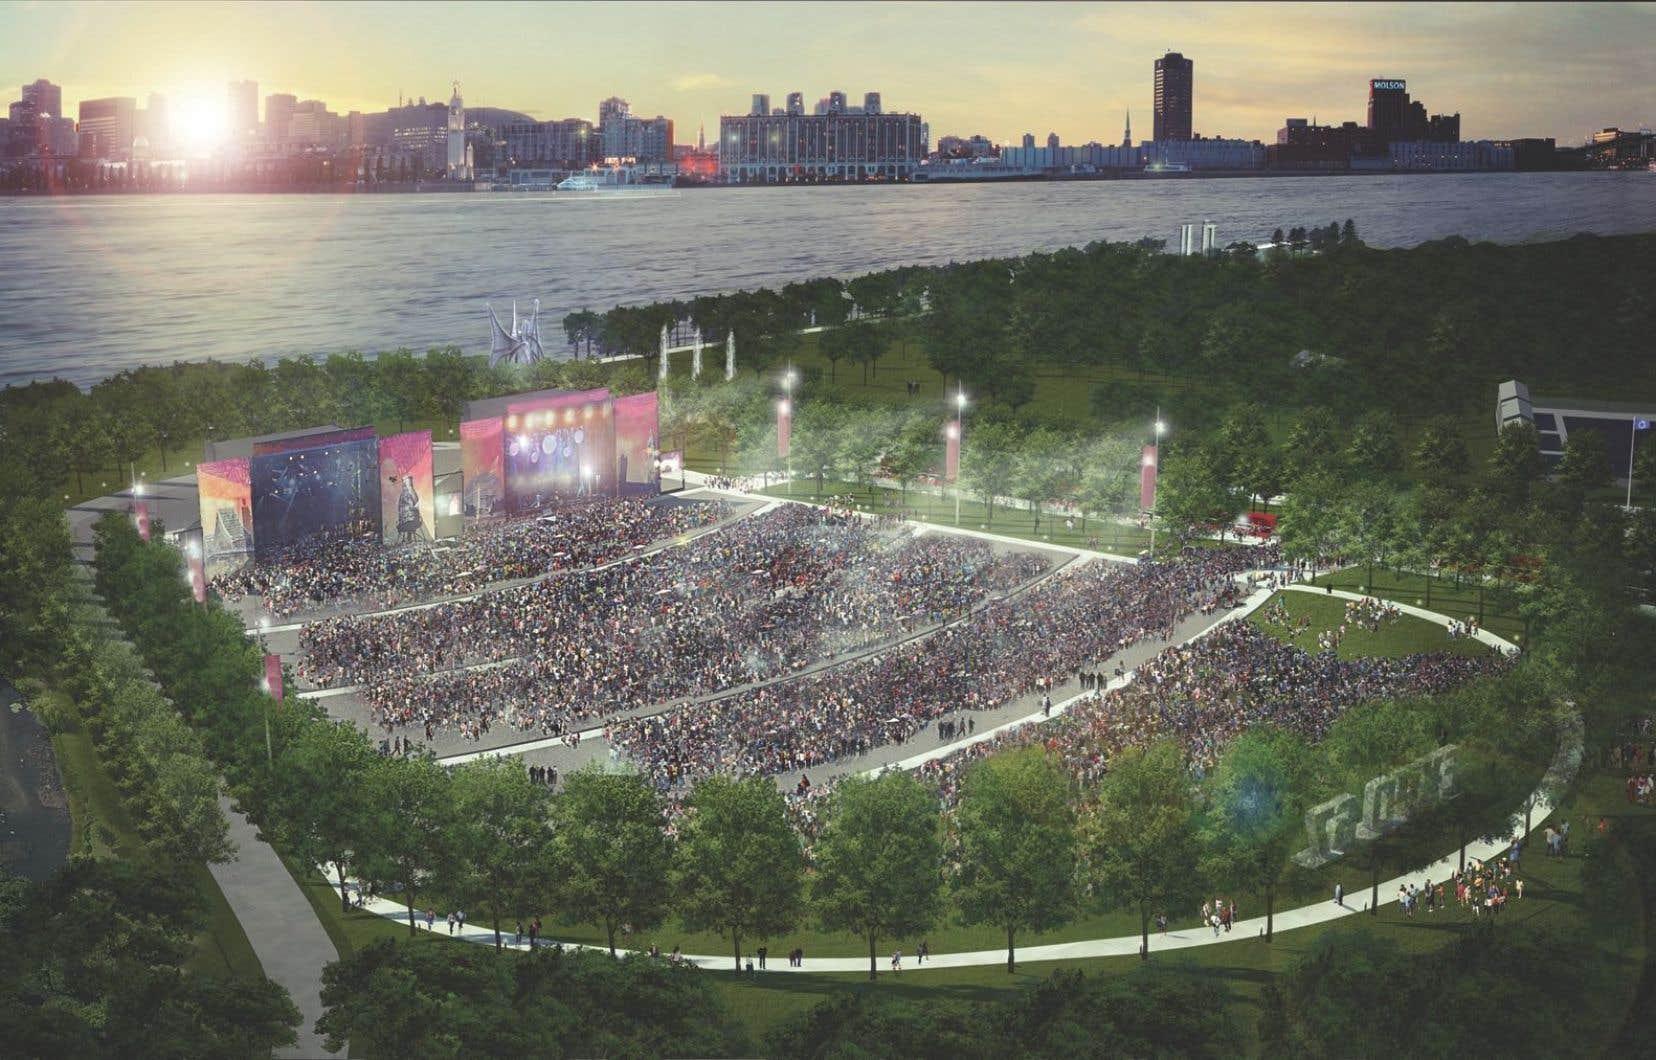 Le nouvel aménagement du parc Jean-Drapeau comprendra la construction d'un amphithéâtre naturel de 65000 places.